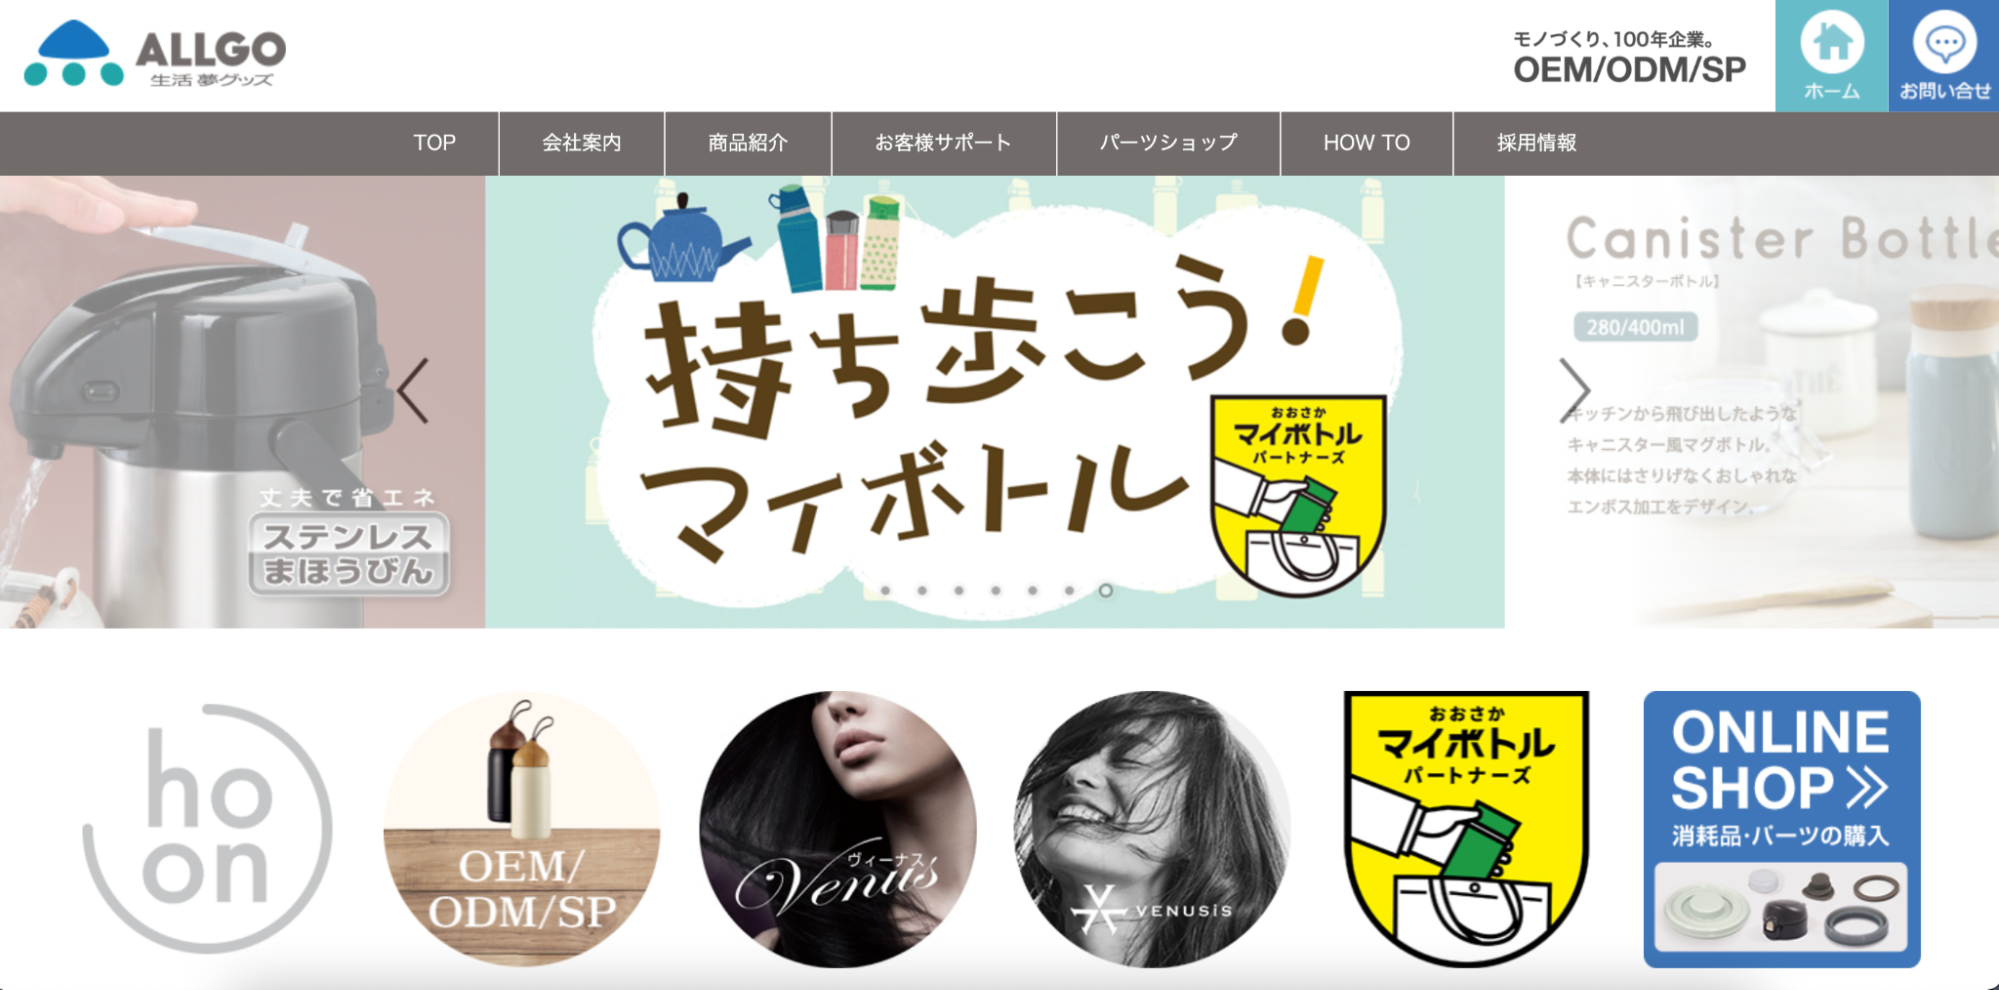 オルゴ公式サイト